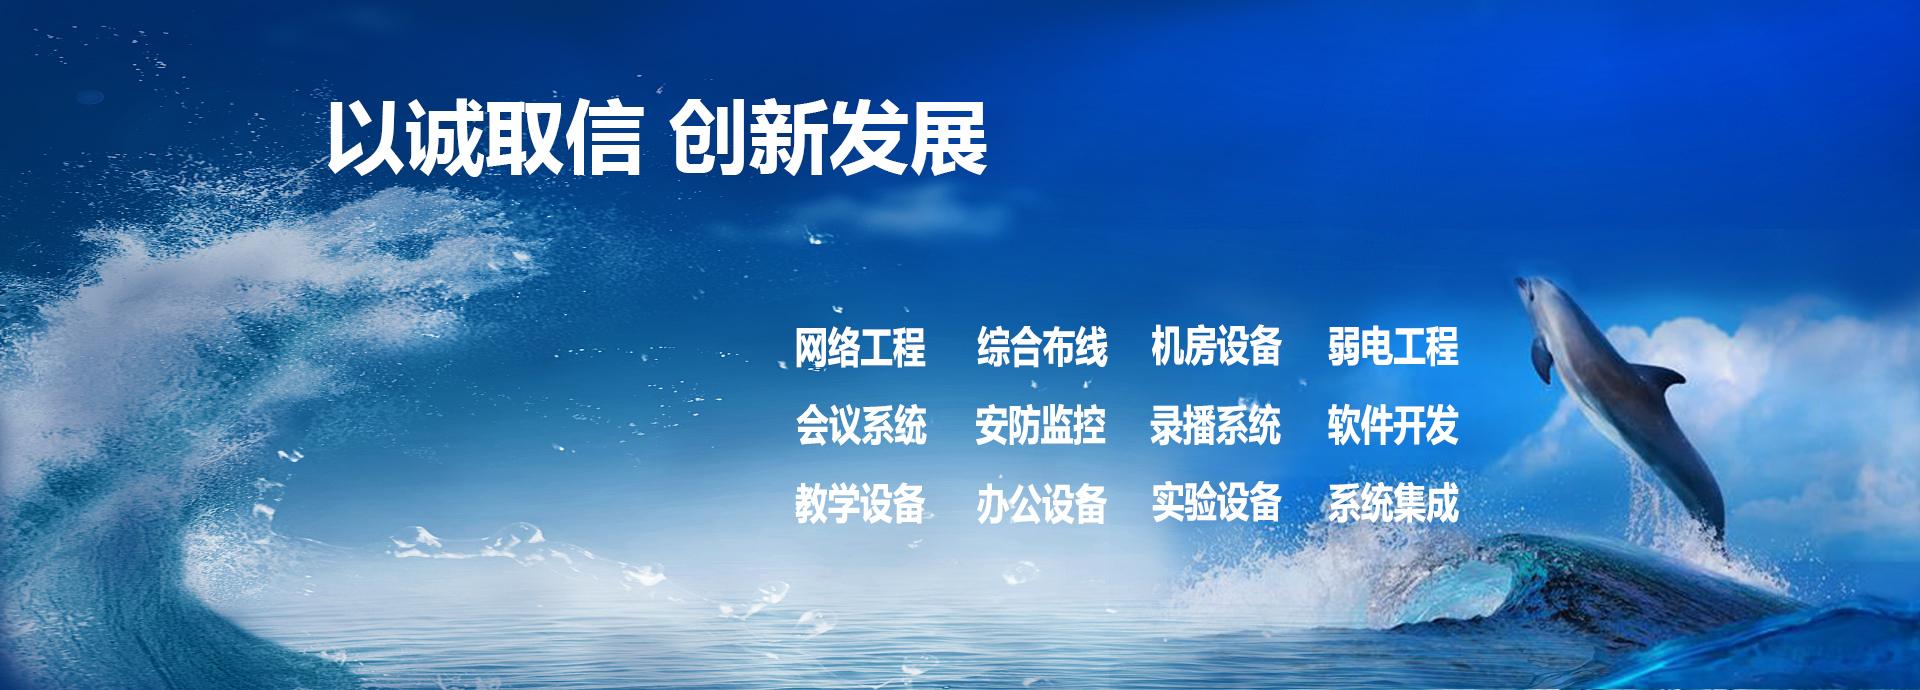 乐虎国际国际科技